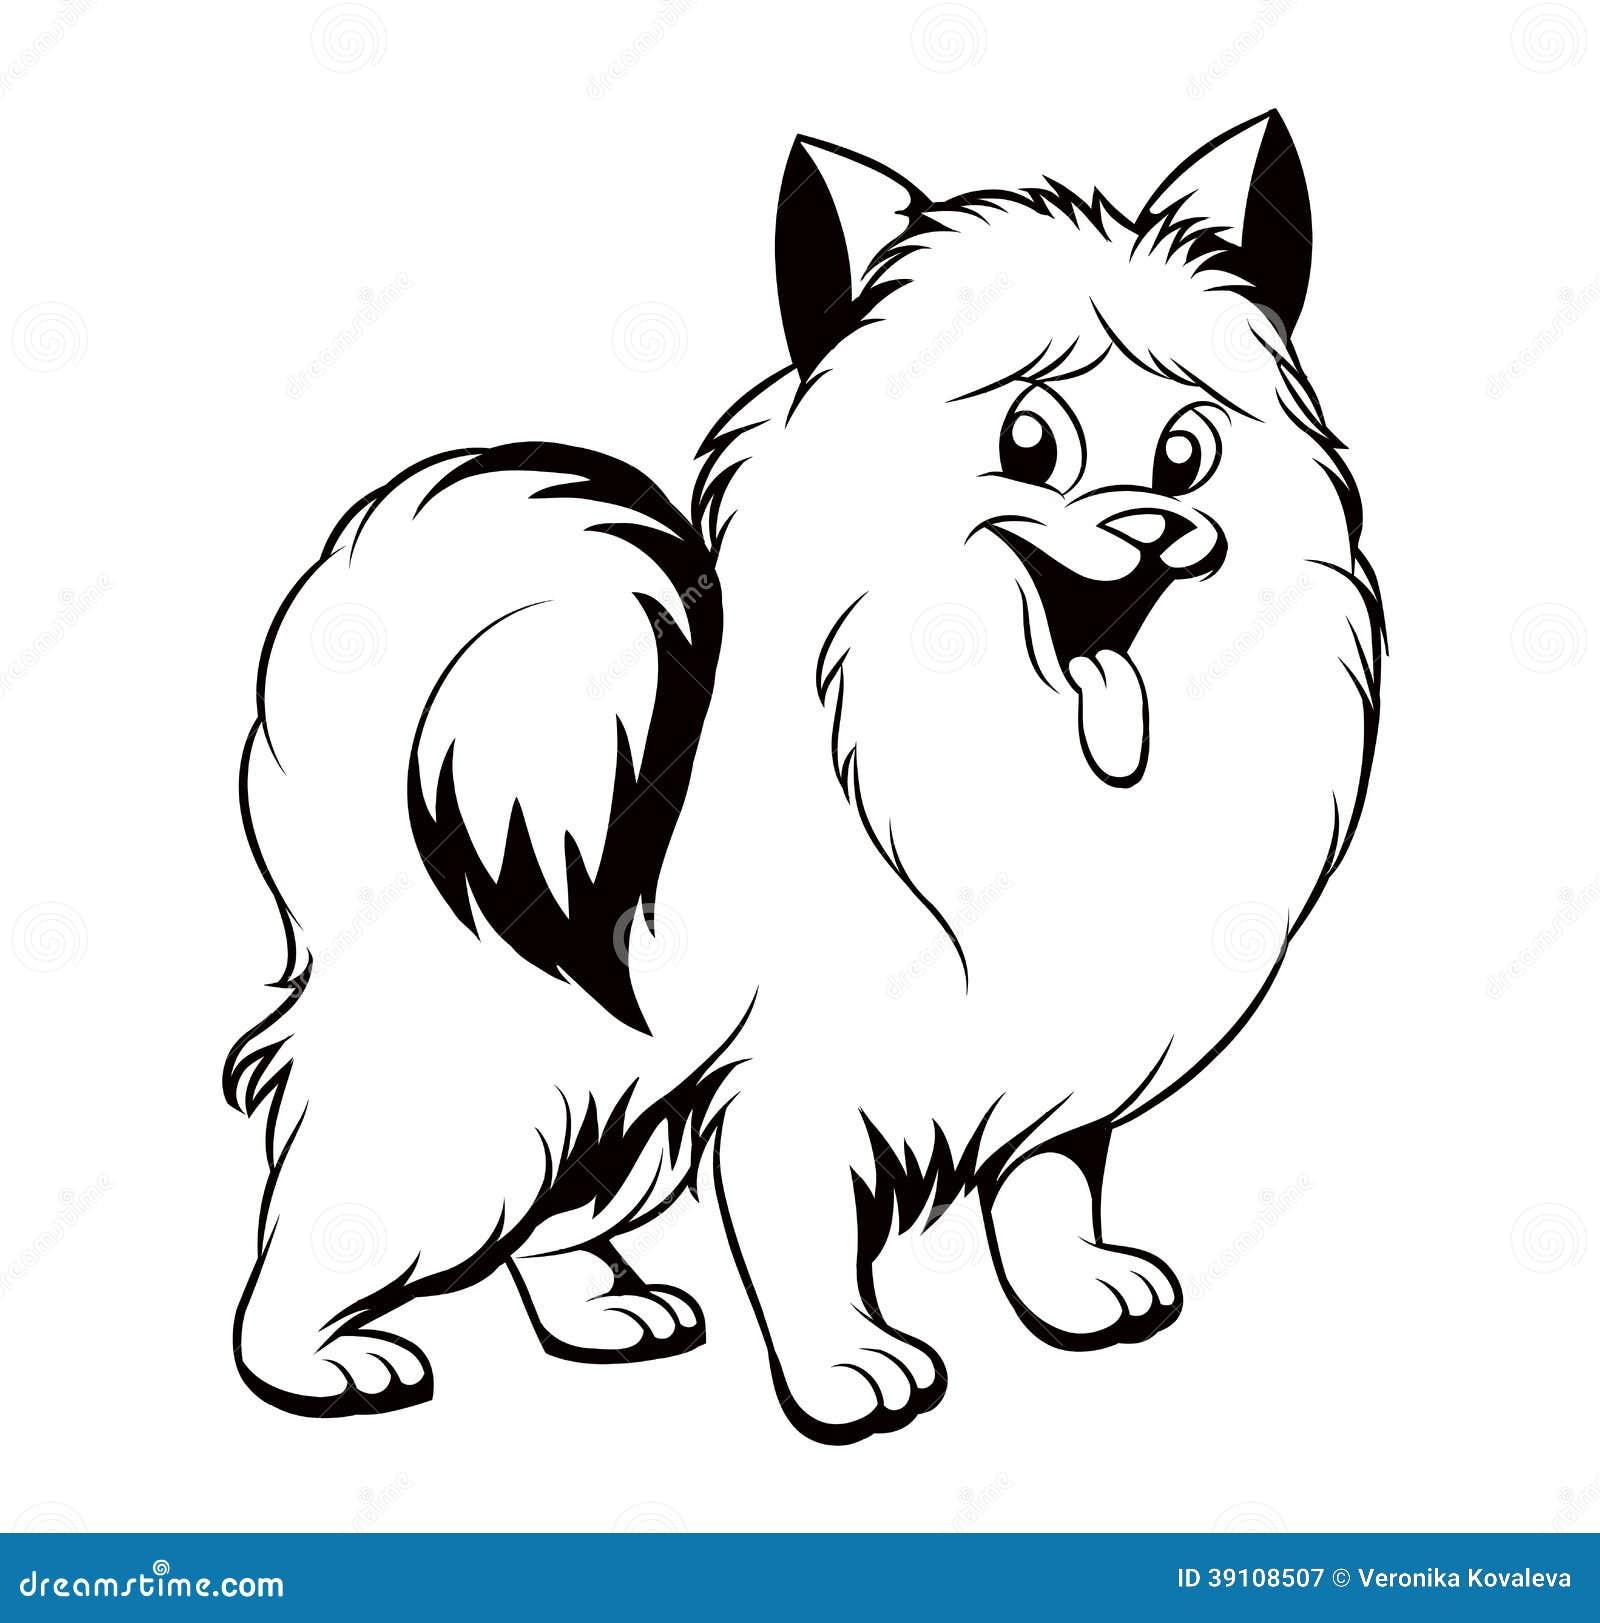 Disegno Cane Bianco E Nero.Disegno In Bianco E Nero Del Cane Illustrazione Vettoriale